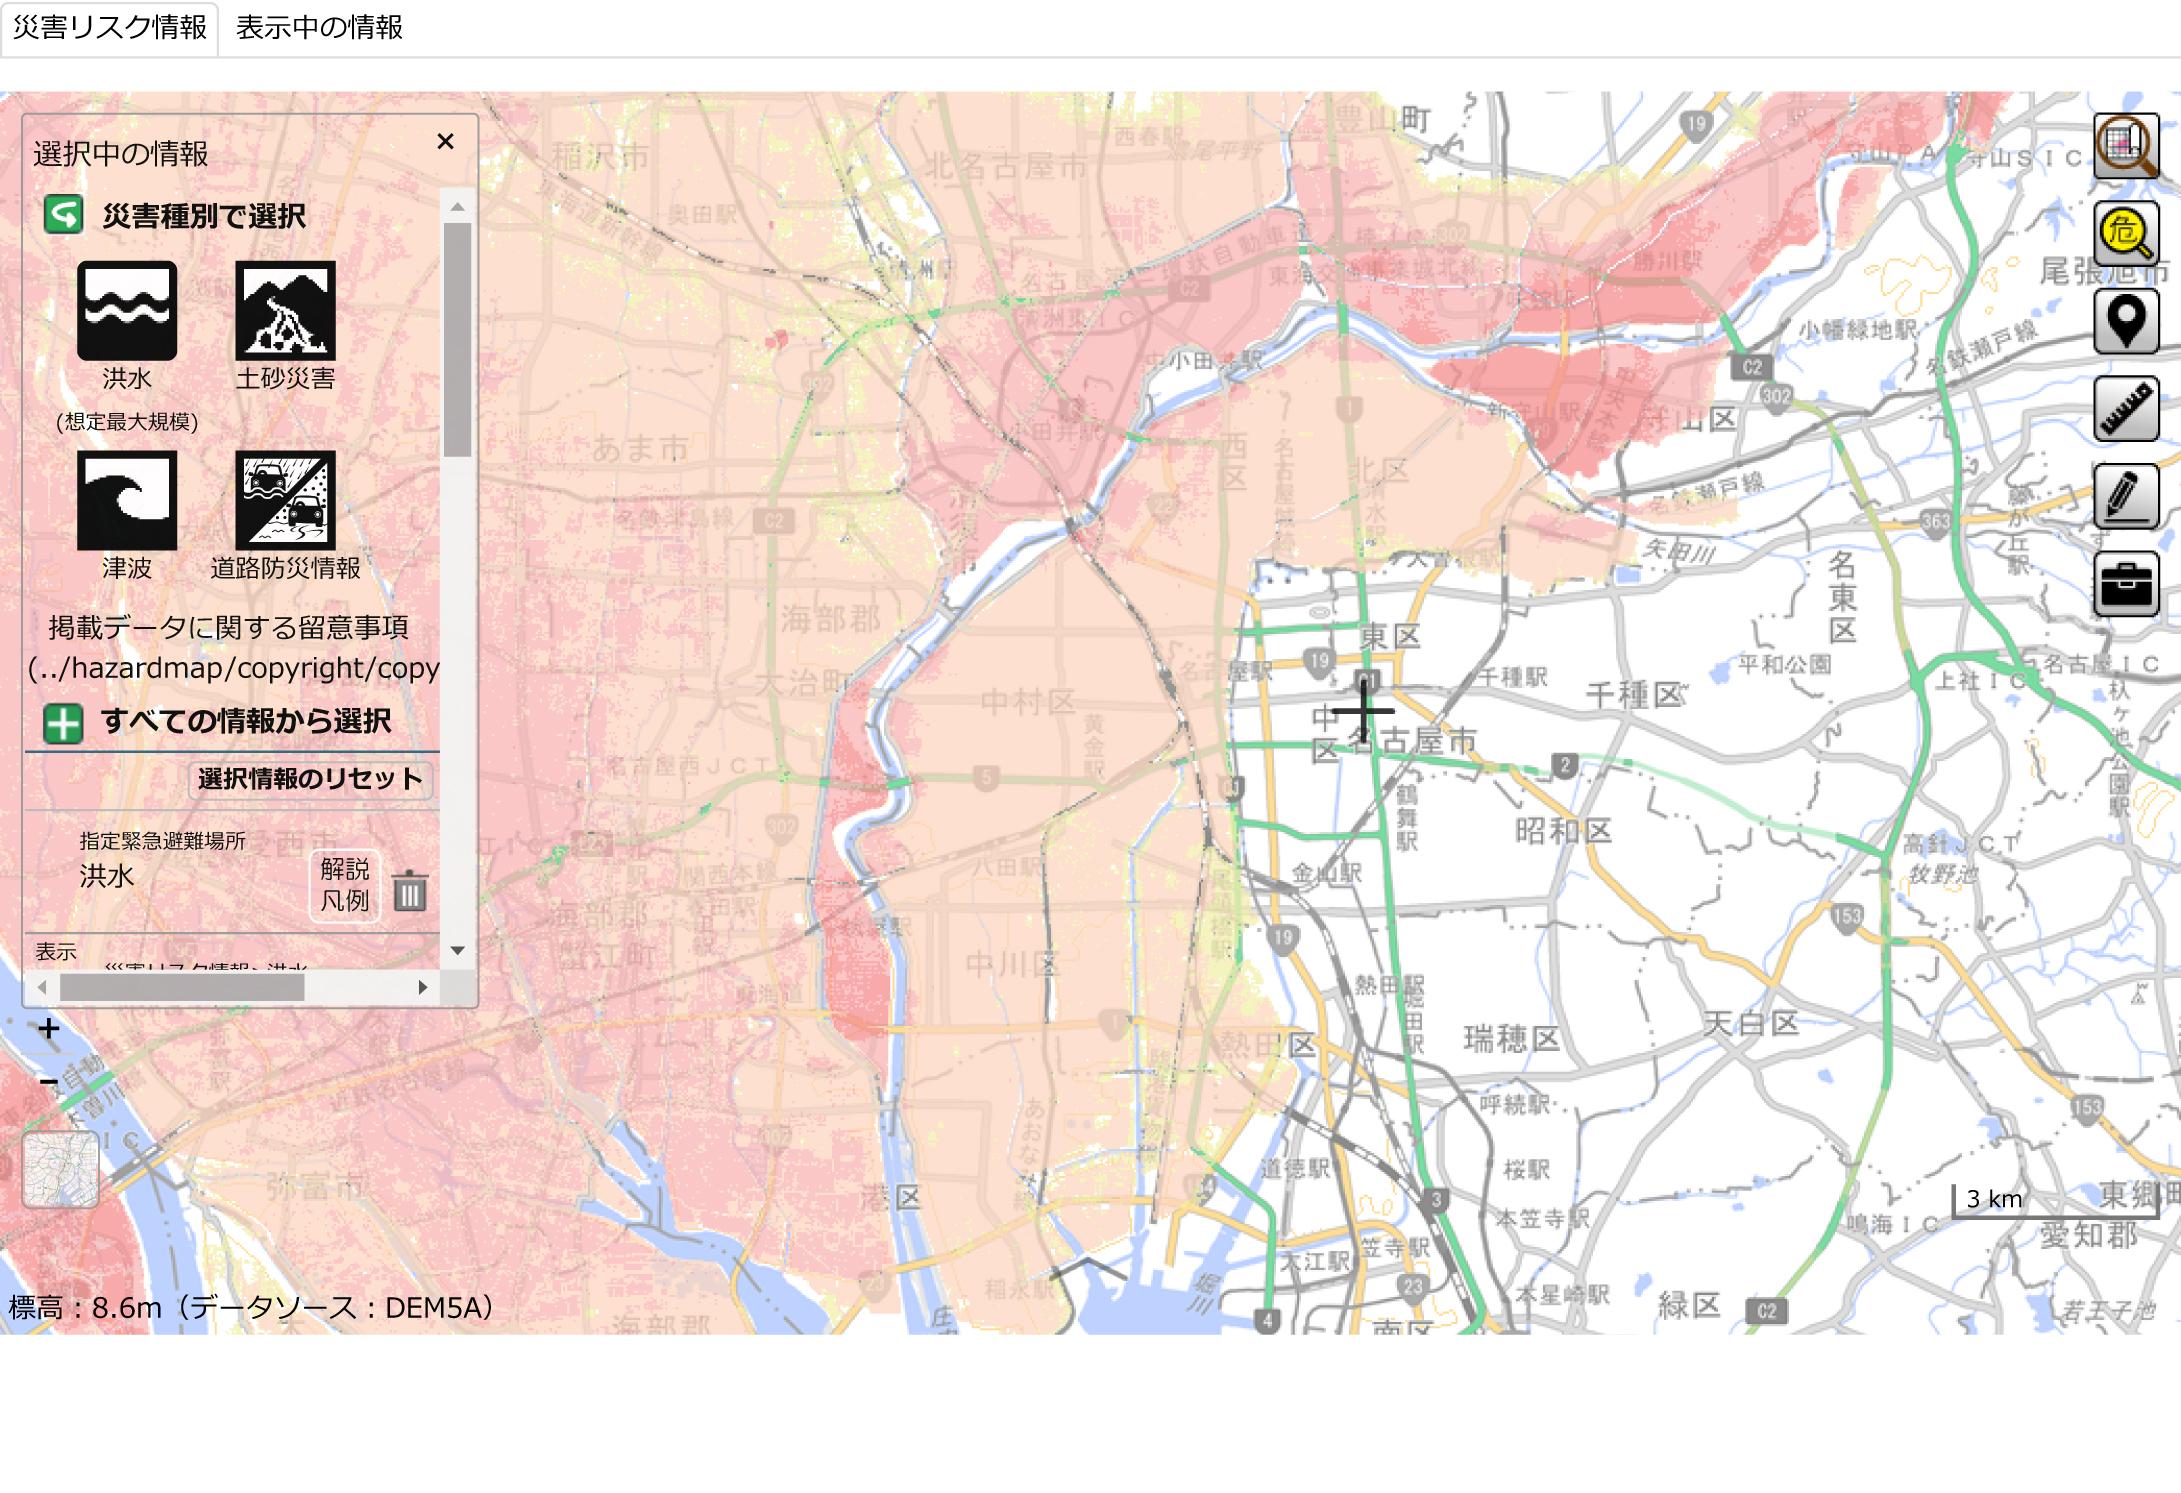 重ねるハザードマップ洪水 国土交通省